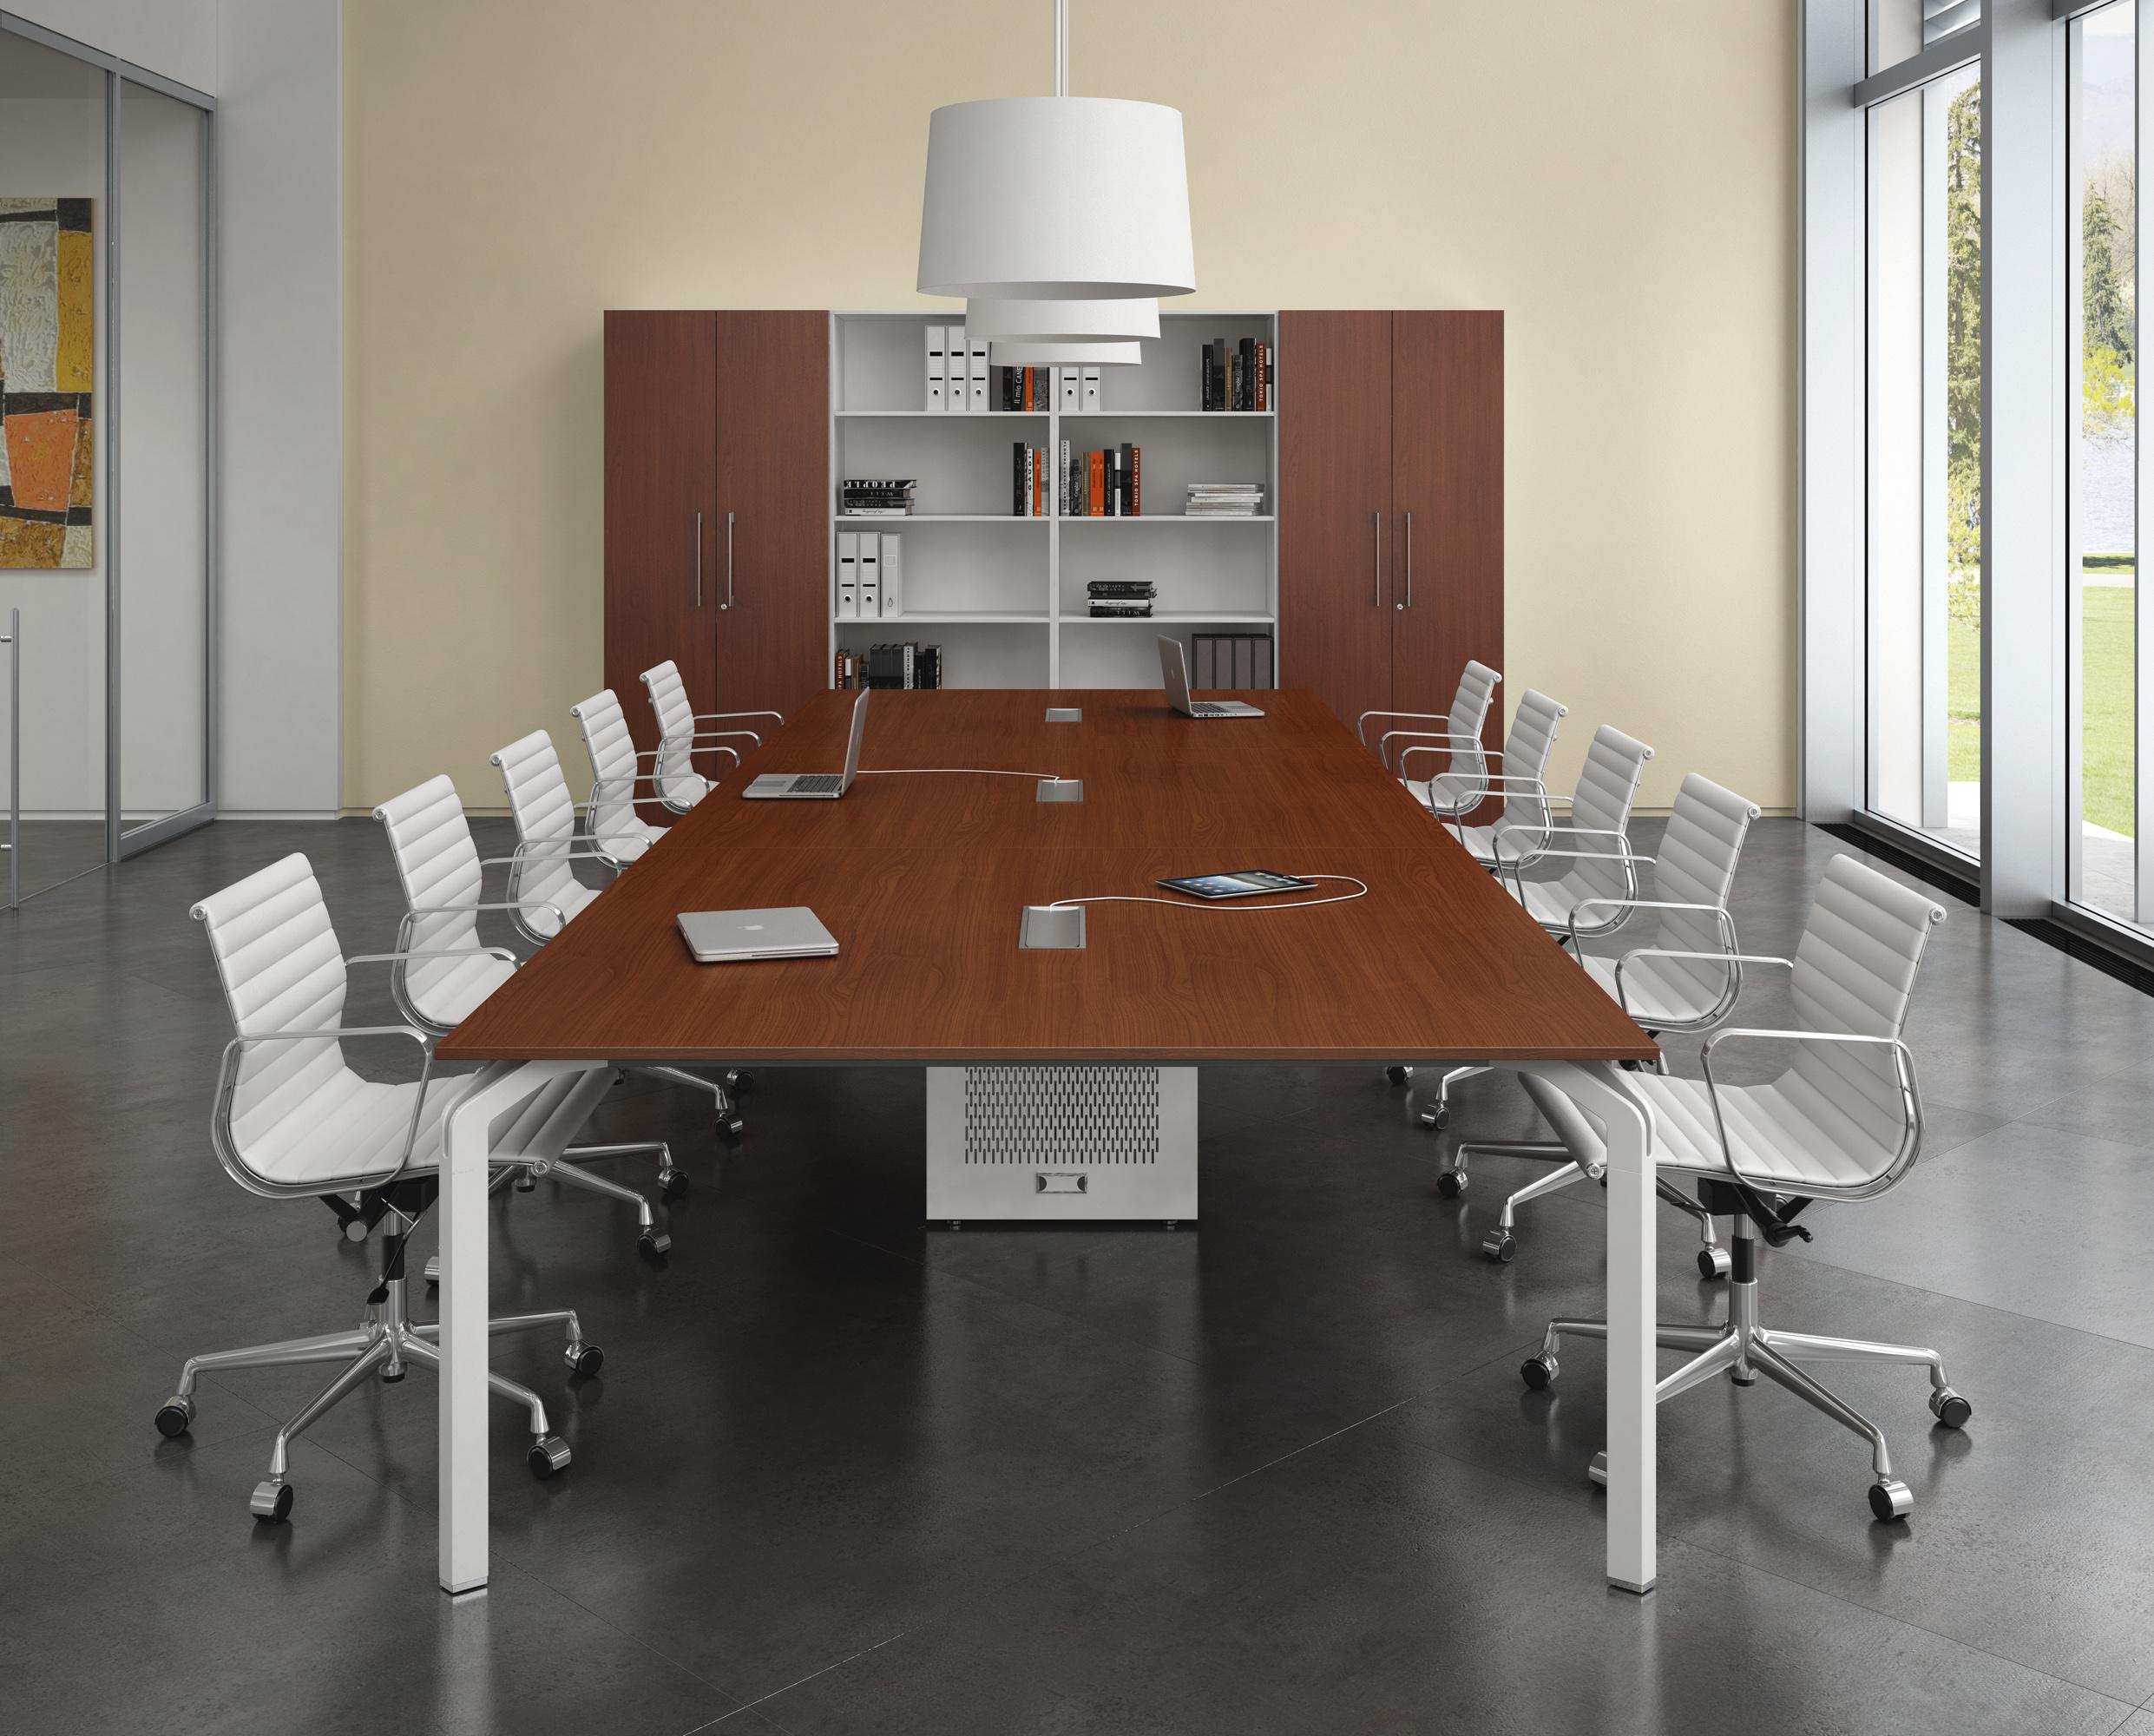 tables de conf rence table de conf rence yoga 12 places mobilier de bureau entr e principale. Black Bedroom Furniture Sets. Home Design Ideas